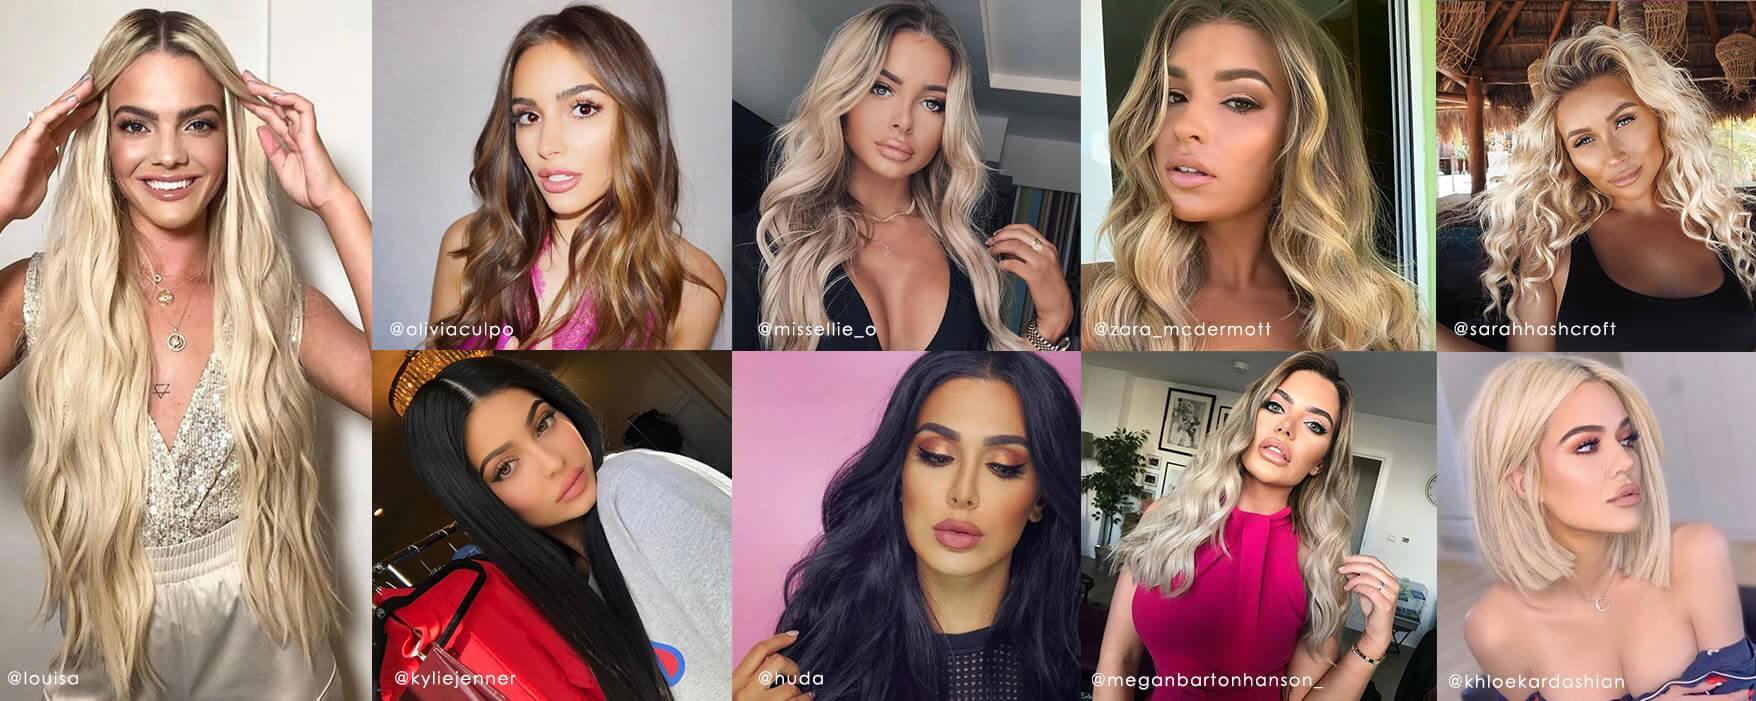 Beauty Works Instagram Fans